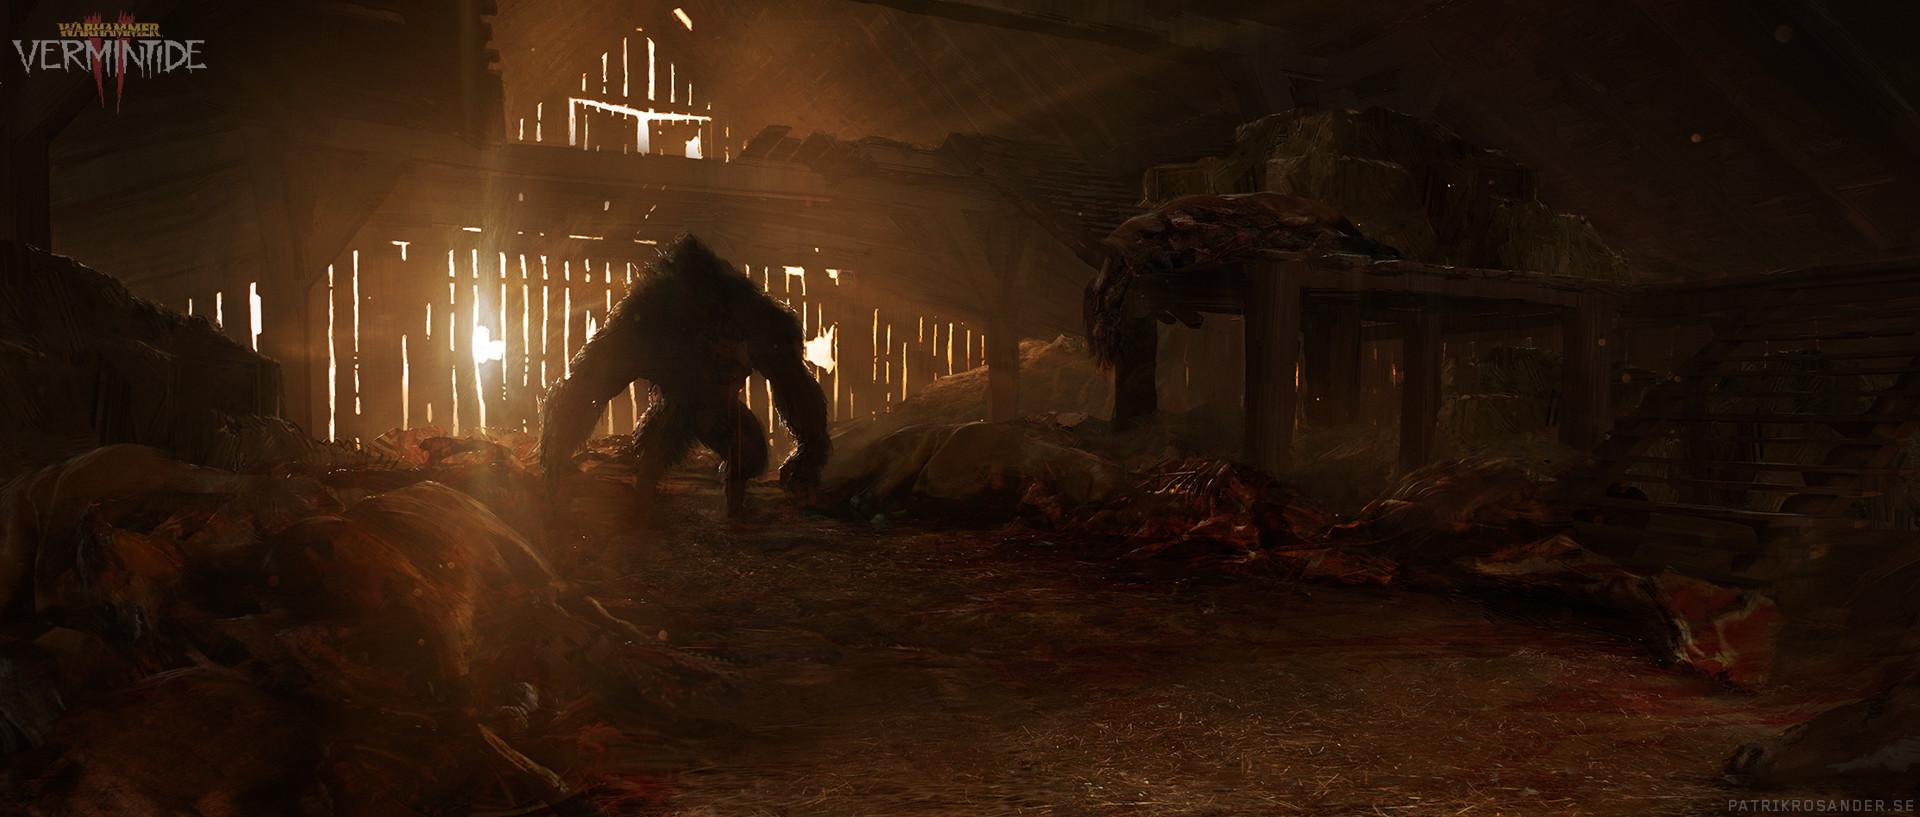 Patrik rosander against the grain ogre barn